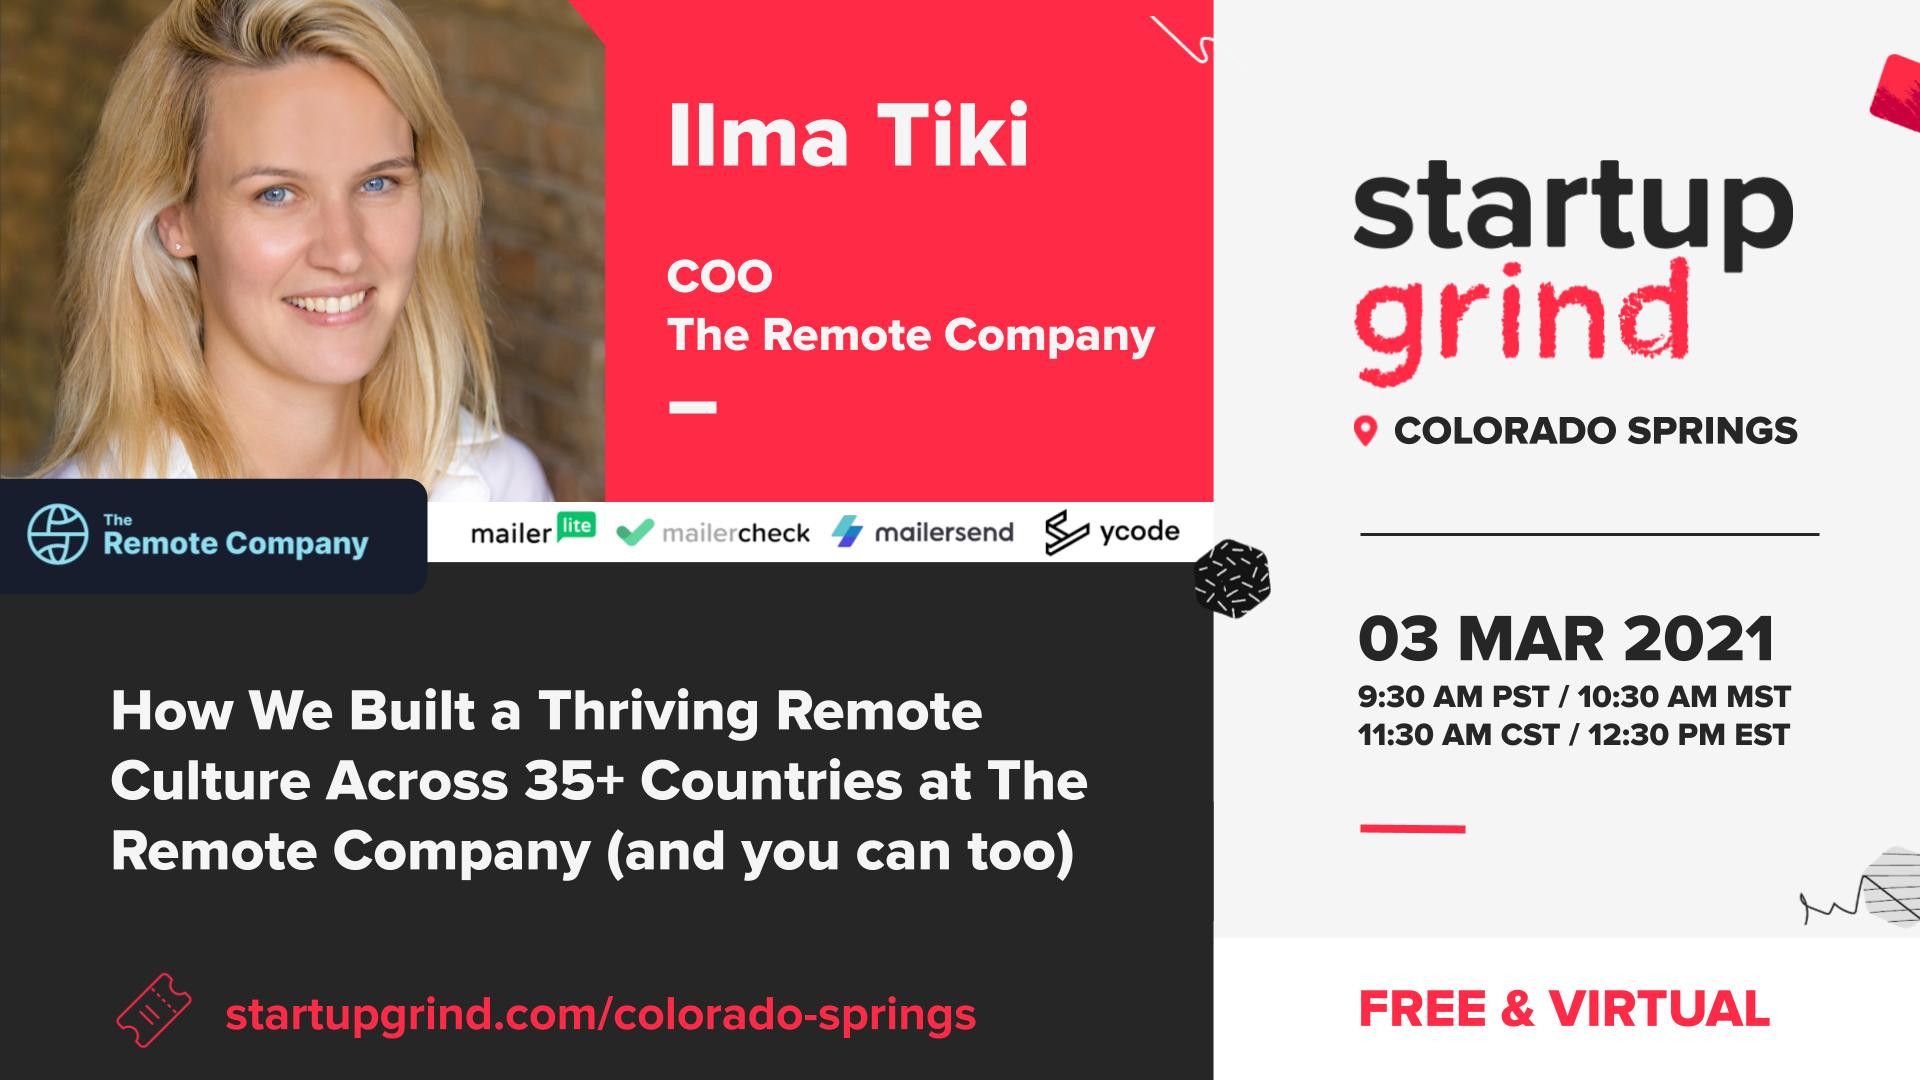 Startup Grind - Ilma Tiki